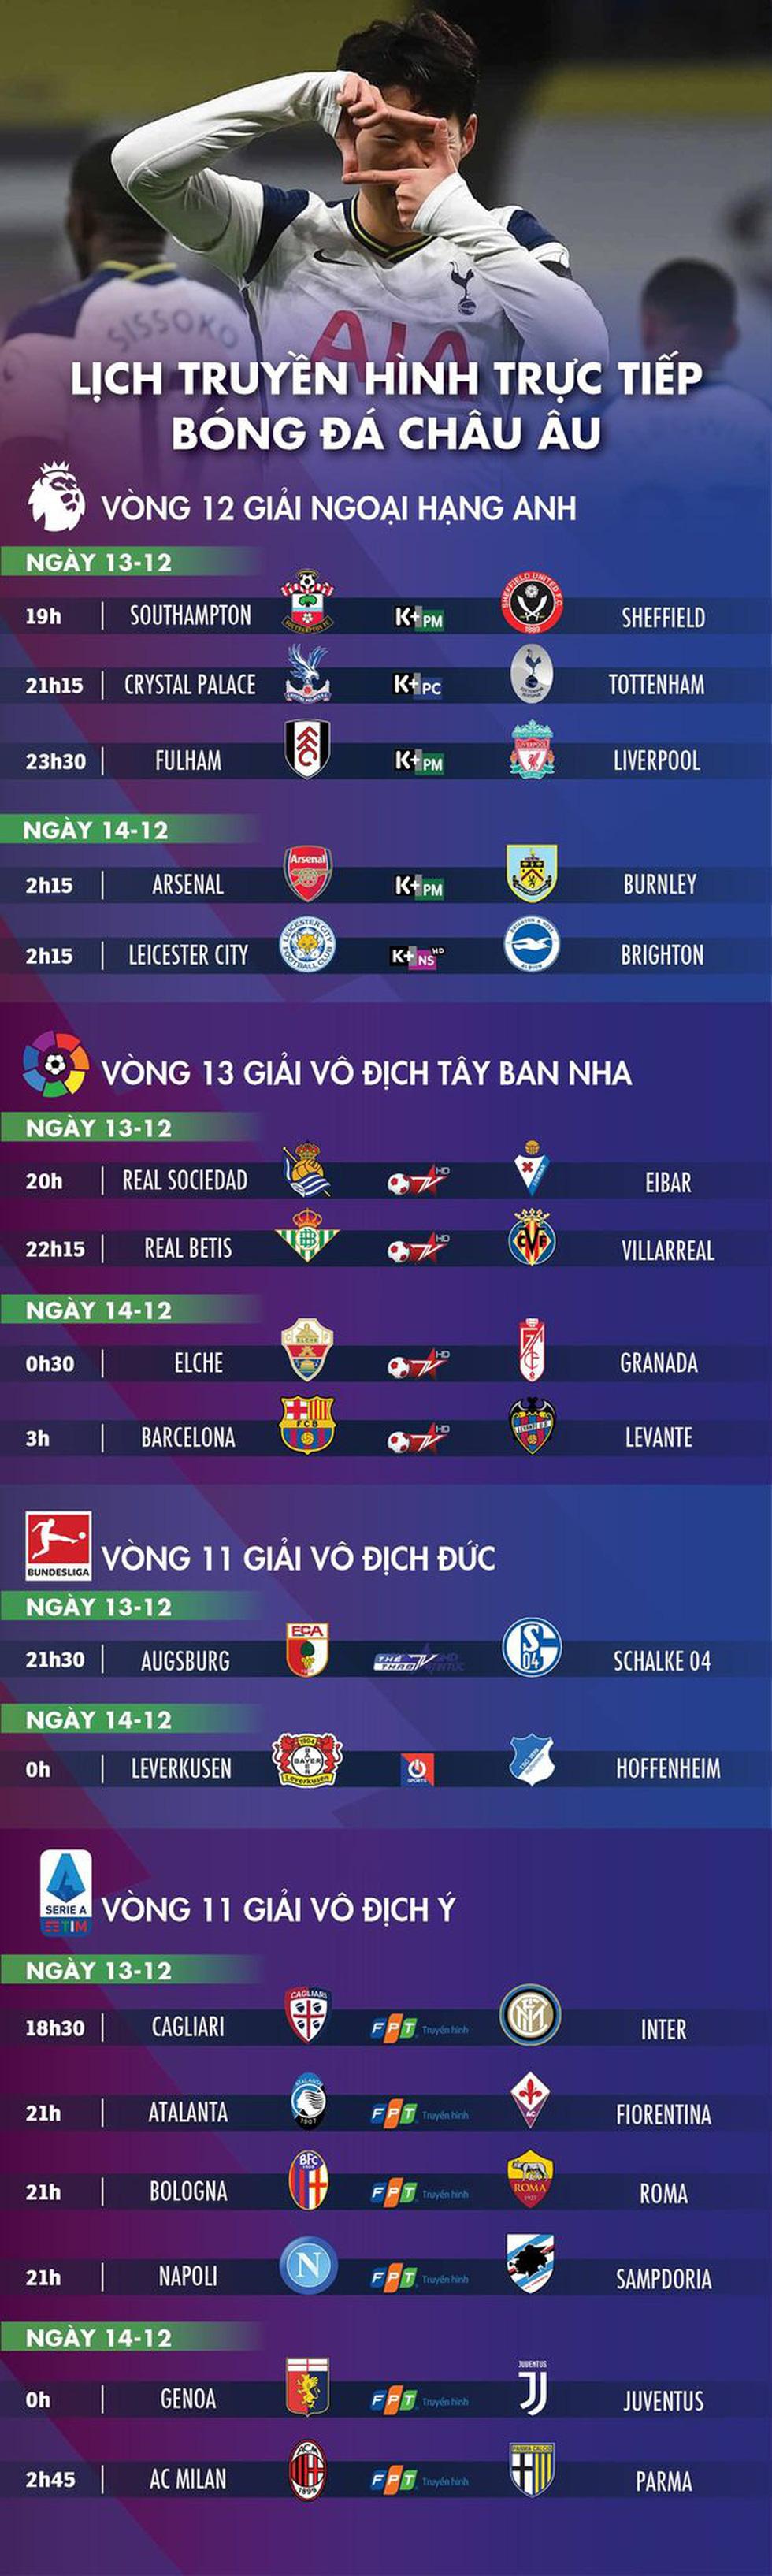 Lịch trực tiếp bóng đá châu Âu: Tottenham và Liverpool ra sân - Ảnh 1.